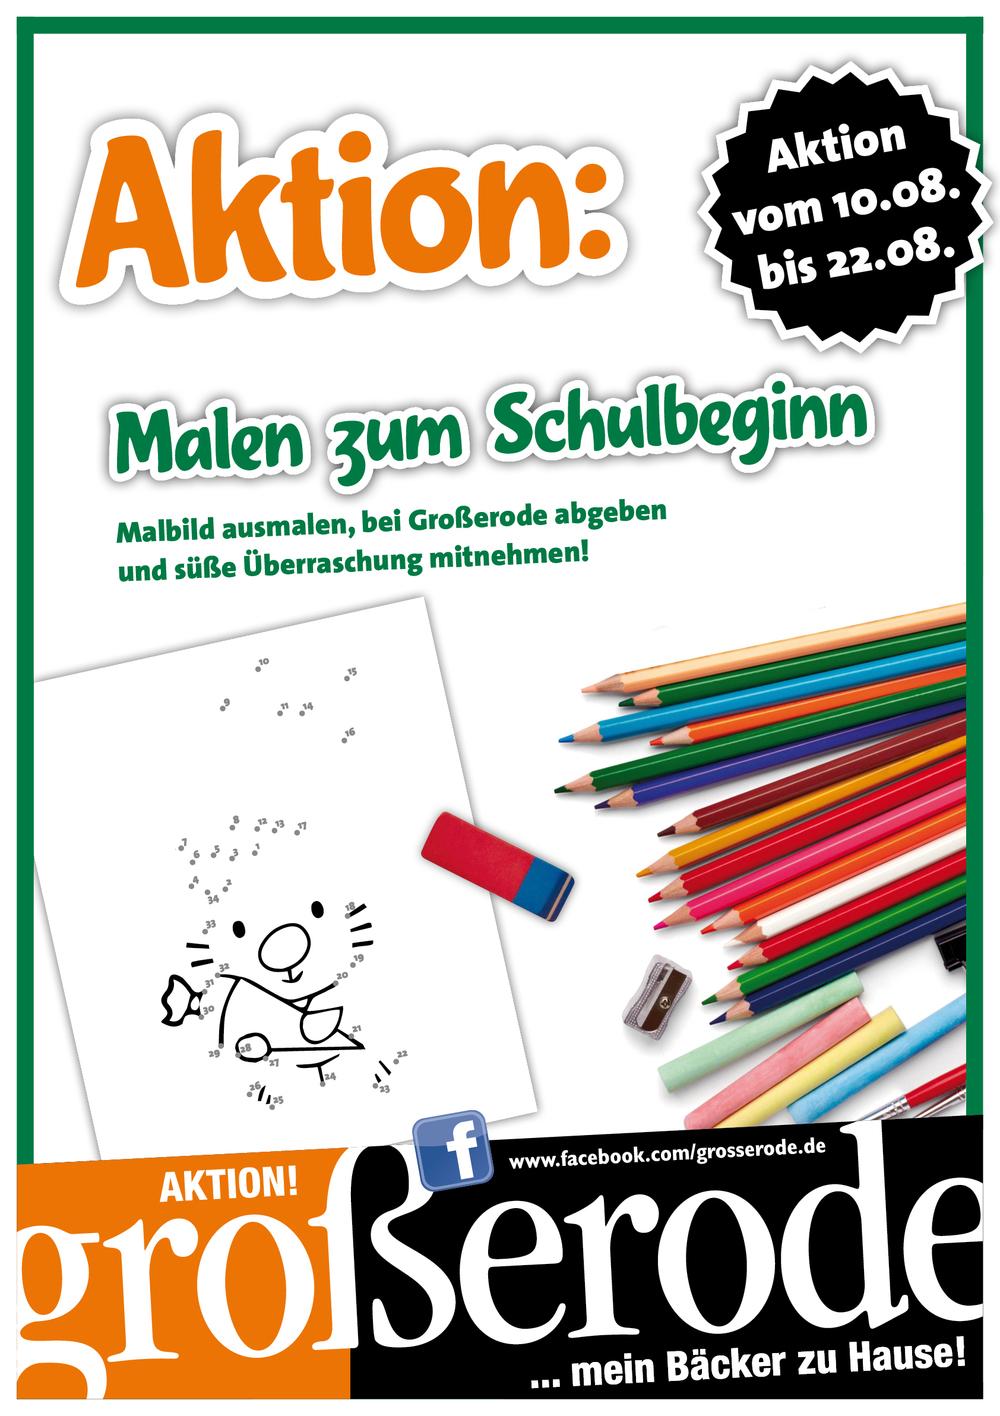 20150630_Grosserode_Schulbeginn_Web.jpg